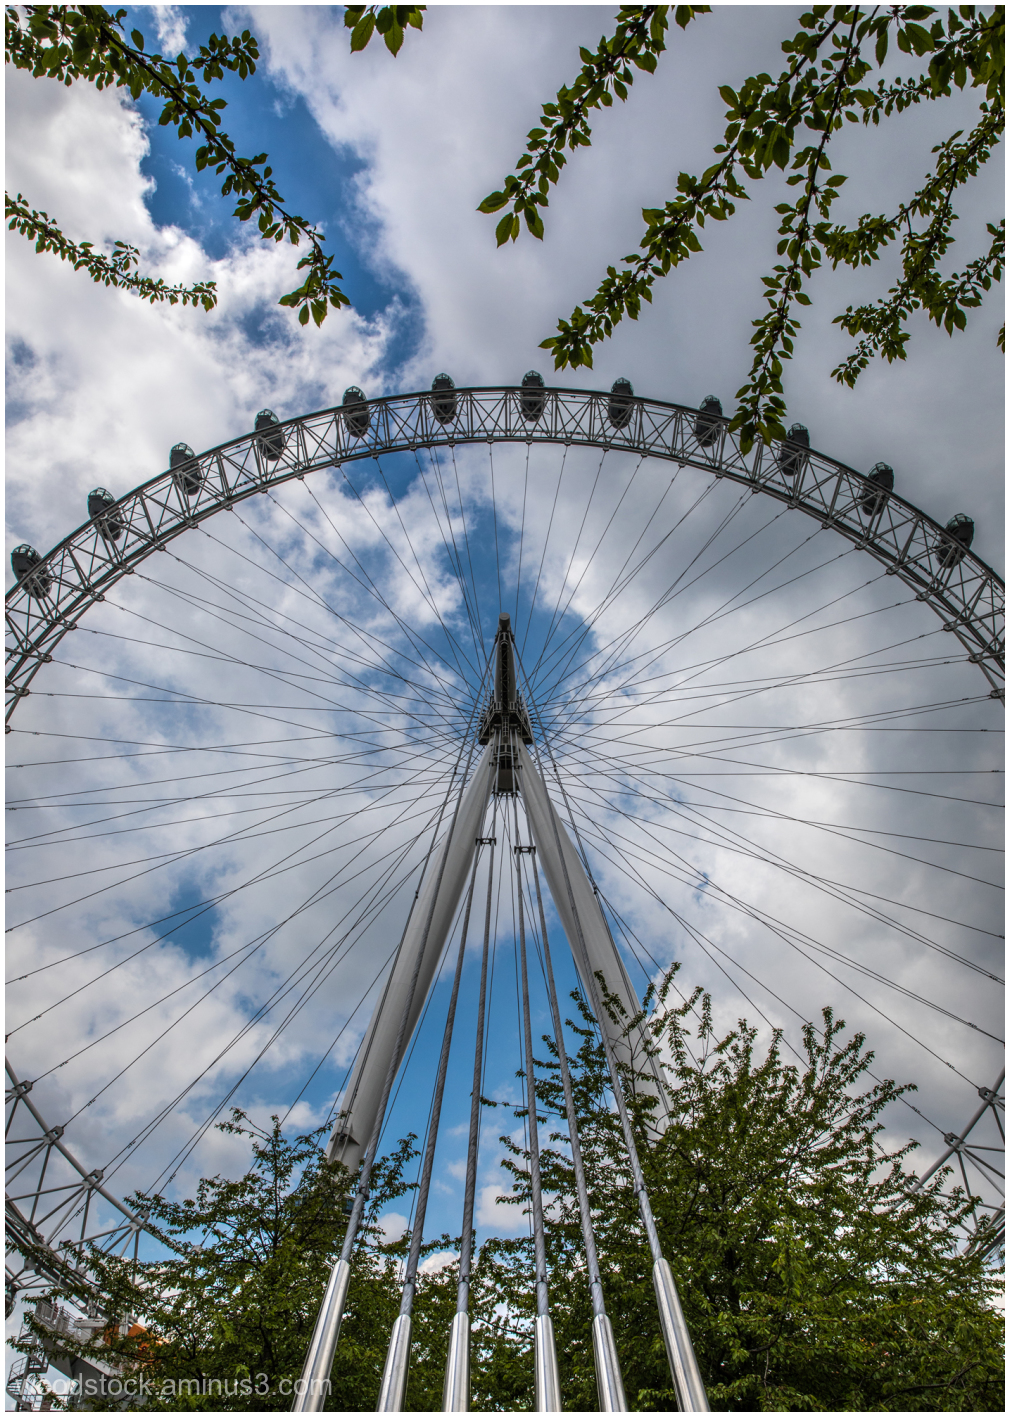 South Bank London Eye